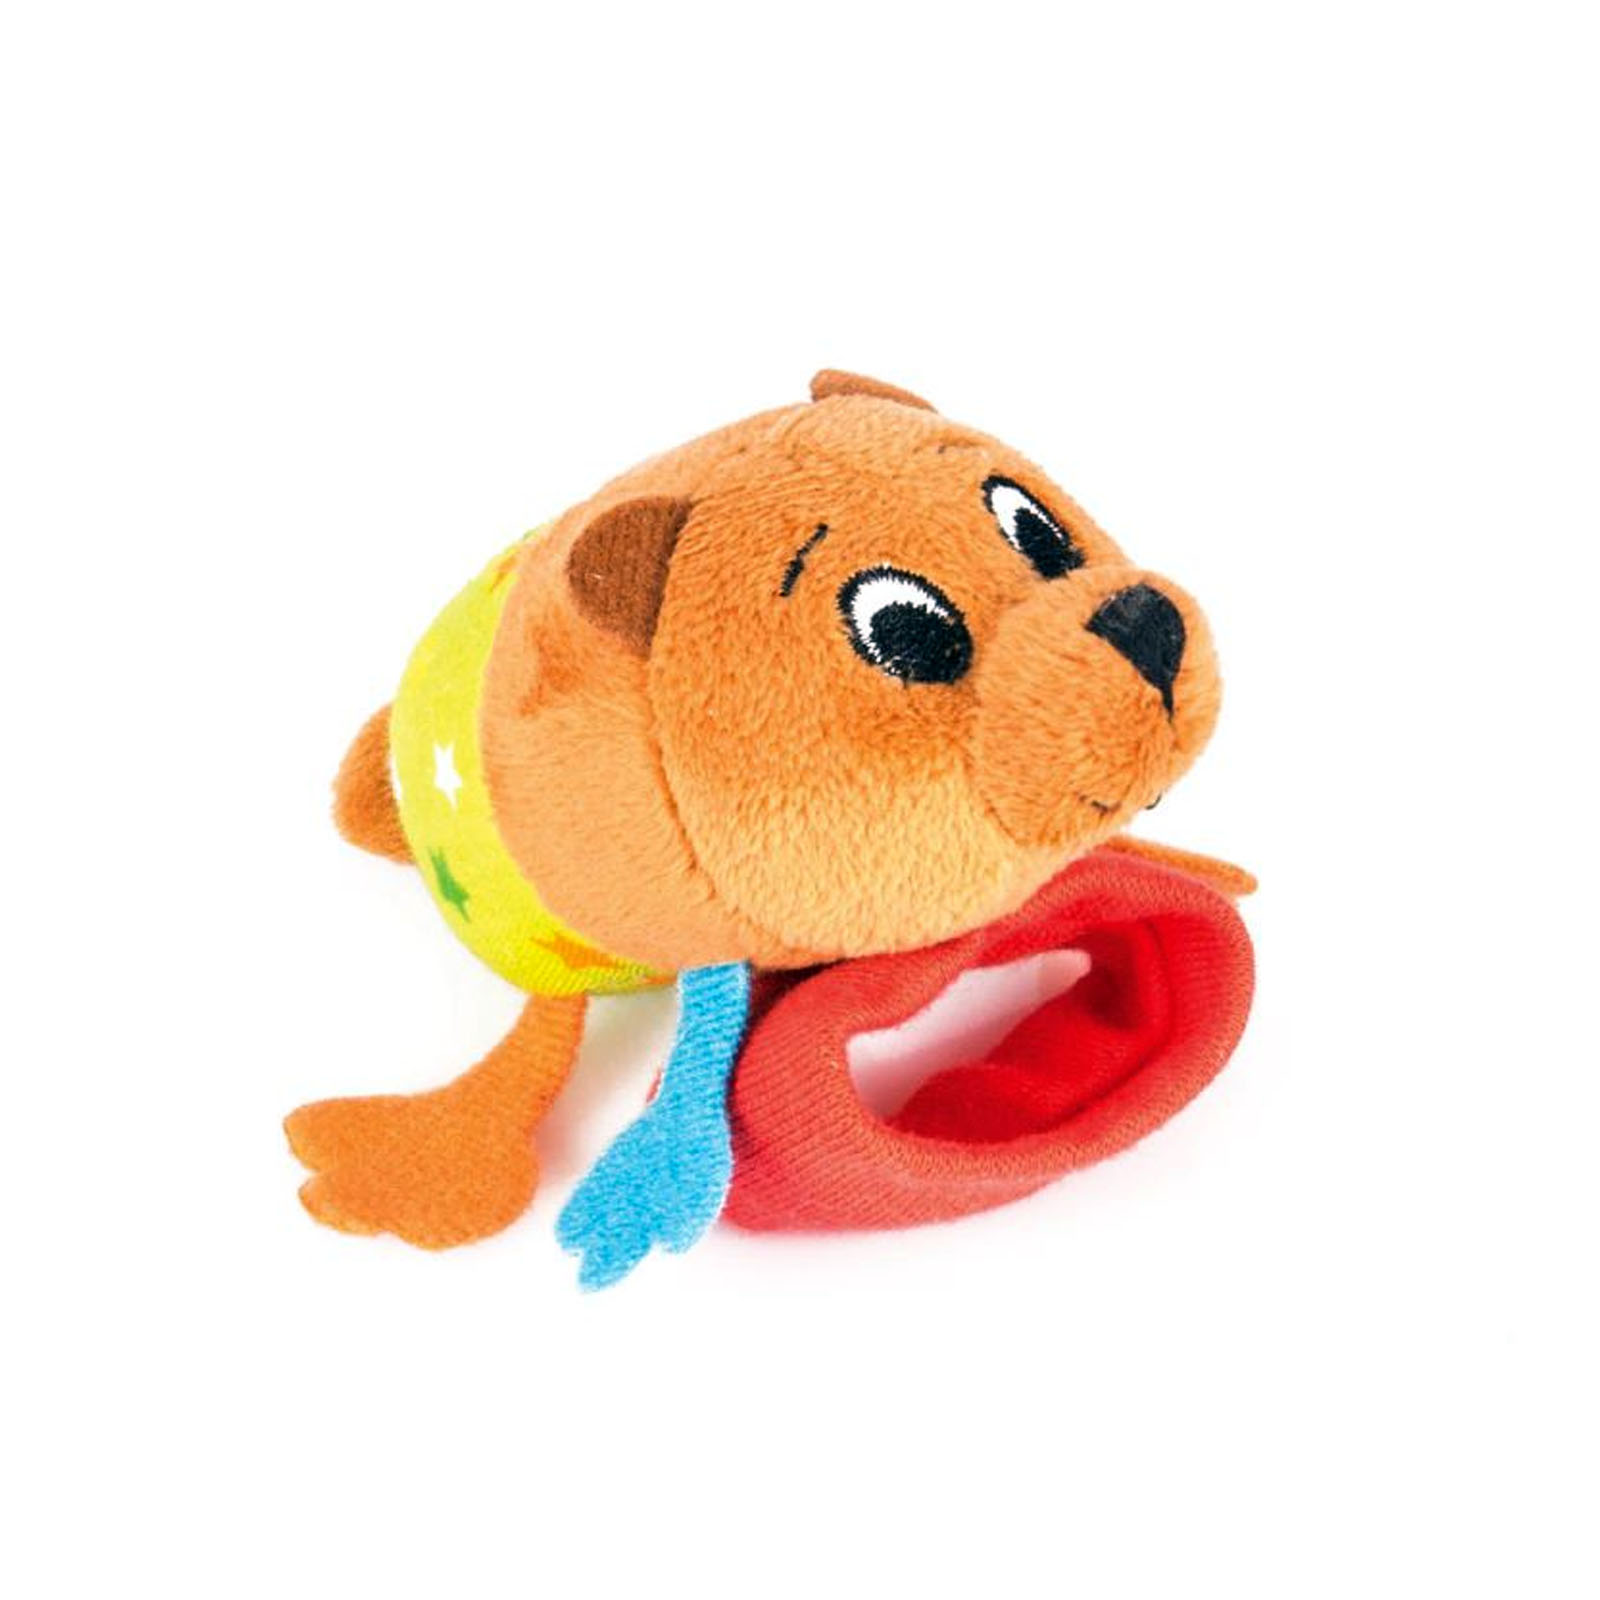 Купить Игрушка-погремушка на ручку Медвежонок Берни, Happy Snail